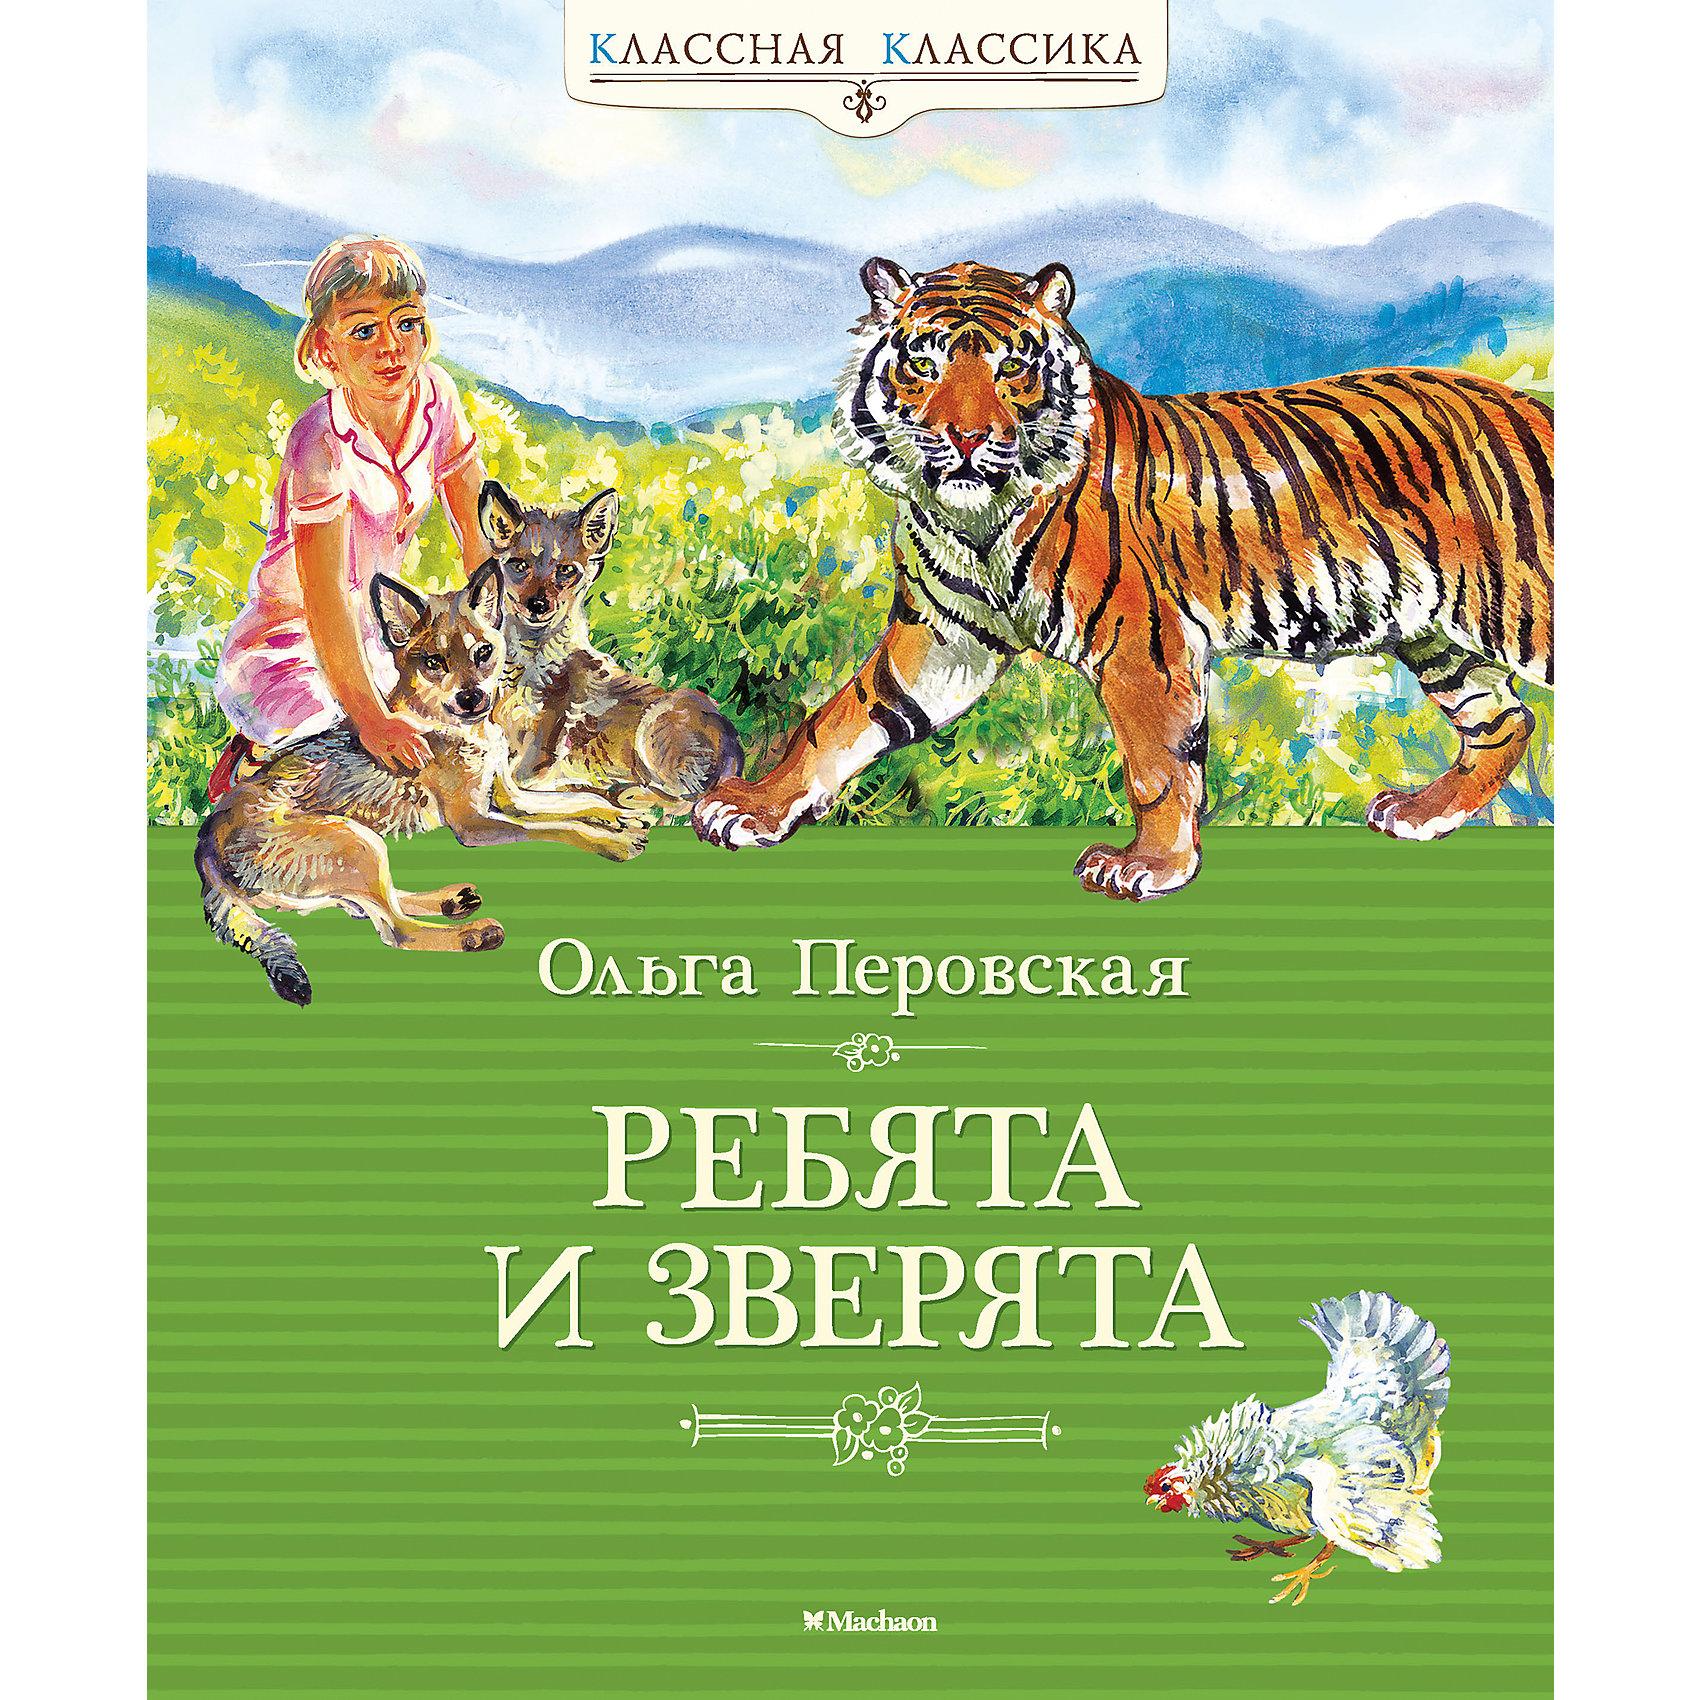 Ребята и зверята, О.В. ПеровскаяРассказы и повести<br>Могут ли дети подружиться с дикими животными? Если подходить с любовью, терпением и лаской, приручить любого, даже дикого зверя, обязательно получится. В книге «Ребята и зверята» известная детская писательница Ольга Перовская рассказывает не только о необычных приключениях ребят и их подопечных зверят, но и увлекательно описывает особенности и повадки четвероногих товарищей. Истории Ольги Перовской, проникнутые искренней добротой и заботливым отношением к братьям нашим меньшим, несомненно, тронут сердца юных читателей.<br><br>Произведения Ольги Васильевны Перовской входят в школьную программу.<br><br>Ширина мм: 235<br>Глубина мм: 195<br>Высота мм: 11<br>Вес г: 430<br>Возраст от месяцев: 84<br>Возраст до месяцев: 120<br>Пол: Мужской<br>Возраст: Детский<br>SKU: 4818100